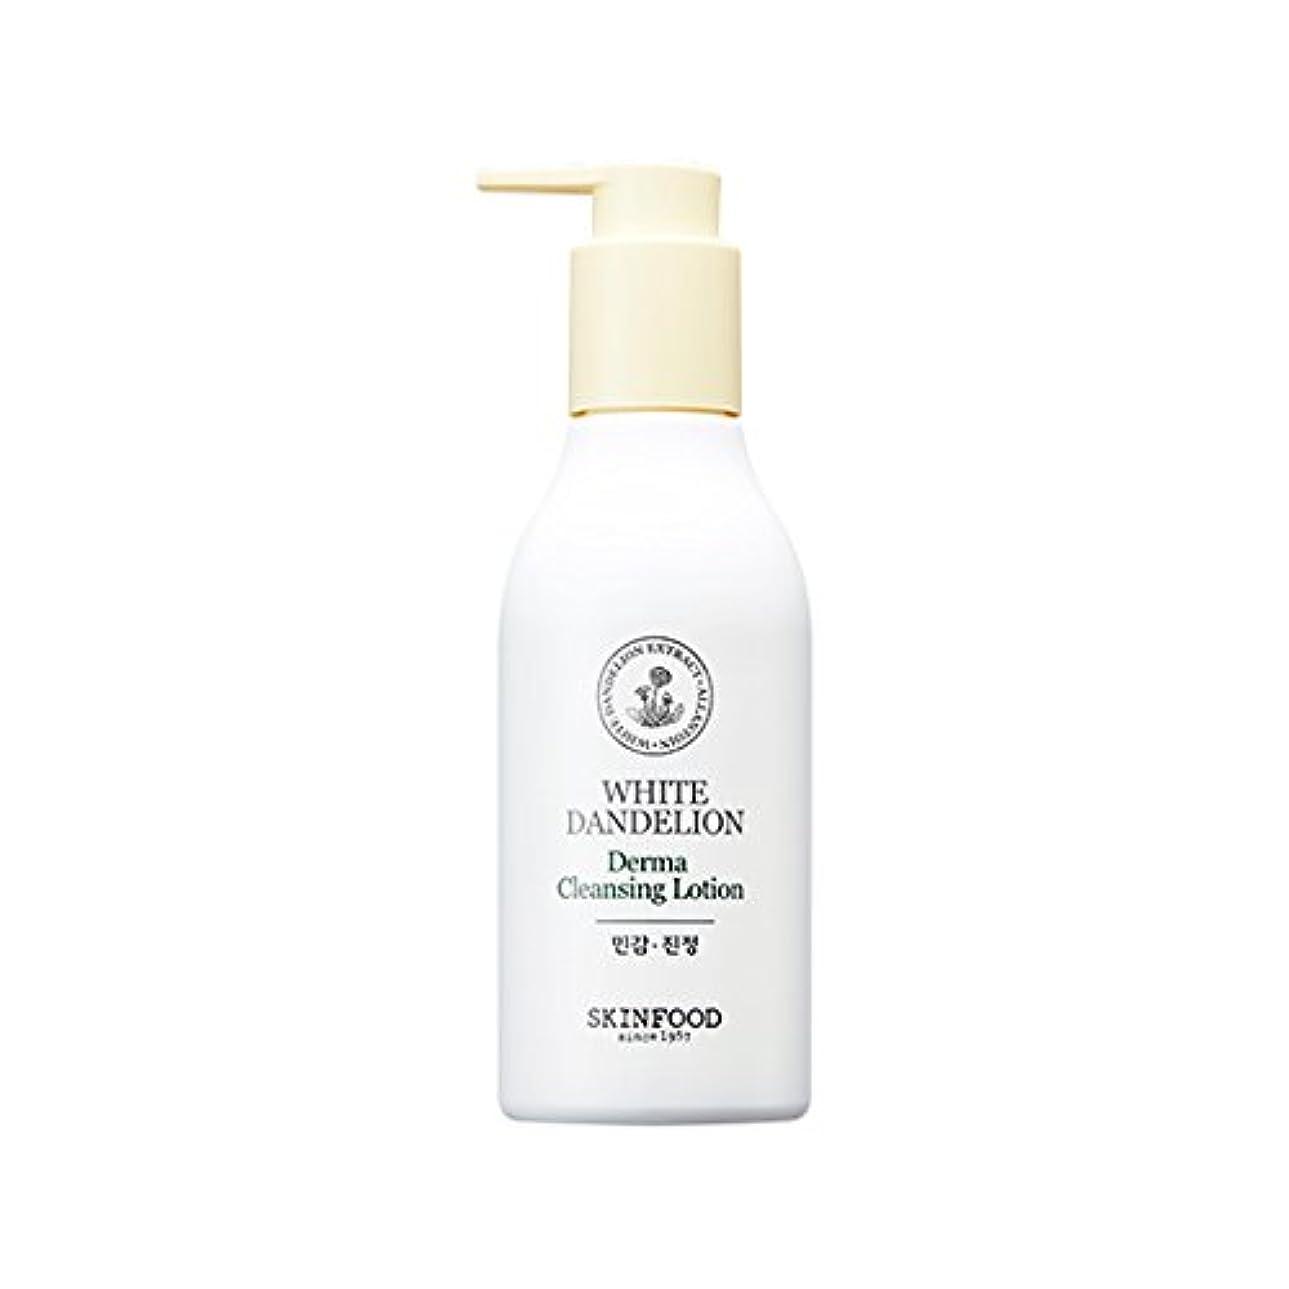 額オーバードロー農村Skinfood/White Dandelion Derma Cleansing Lotion/ホワイトタンポポダーマクレンジングローション/200ml